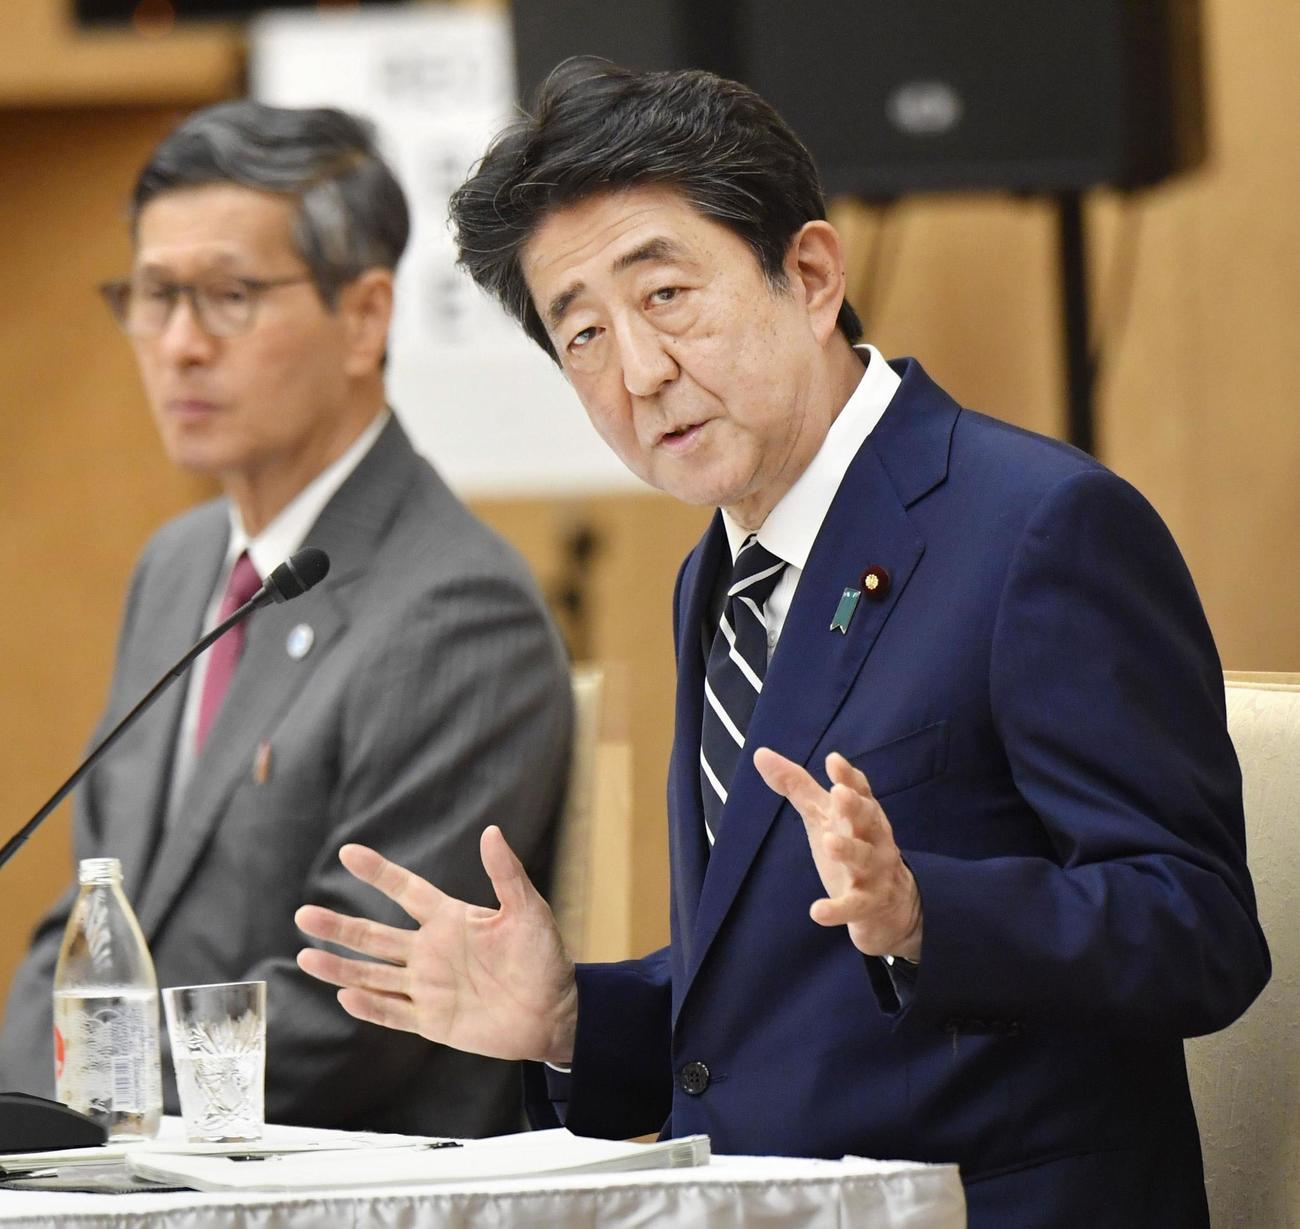 新型コロナウイルス特措法に基づく緊急事態宣言全面解除について記者会見する安倍首相(右)(共同)